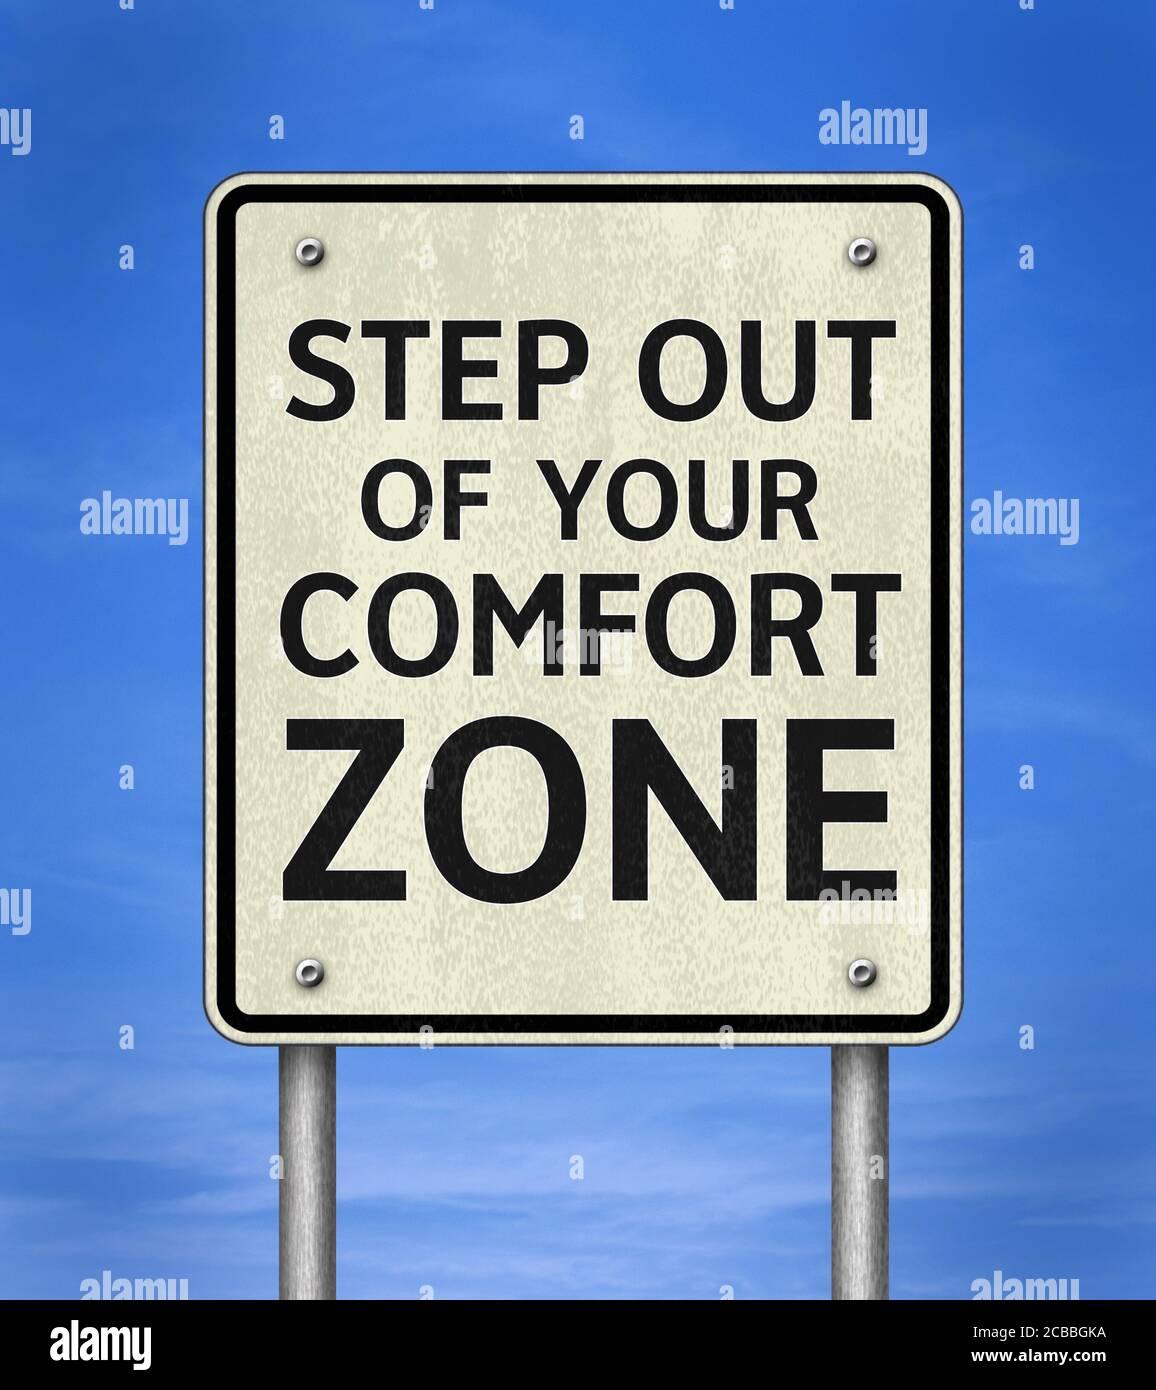 Passo al di fuori della vostra zona di comfort Foto Stock